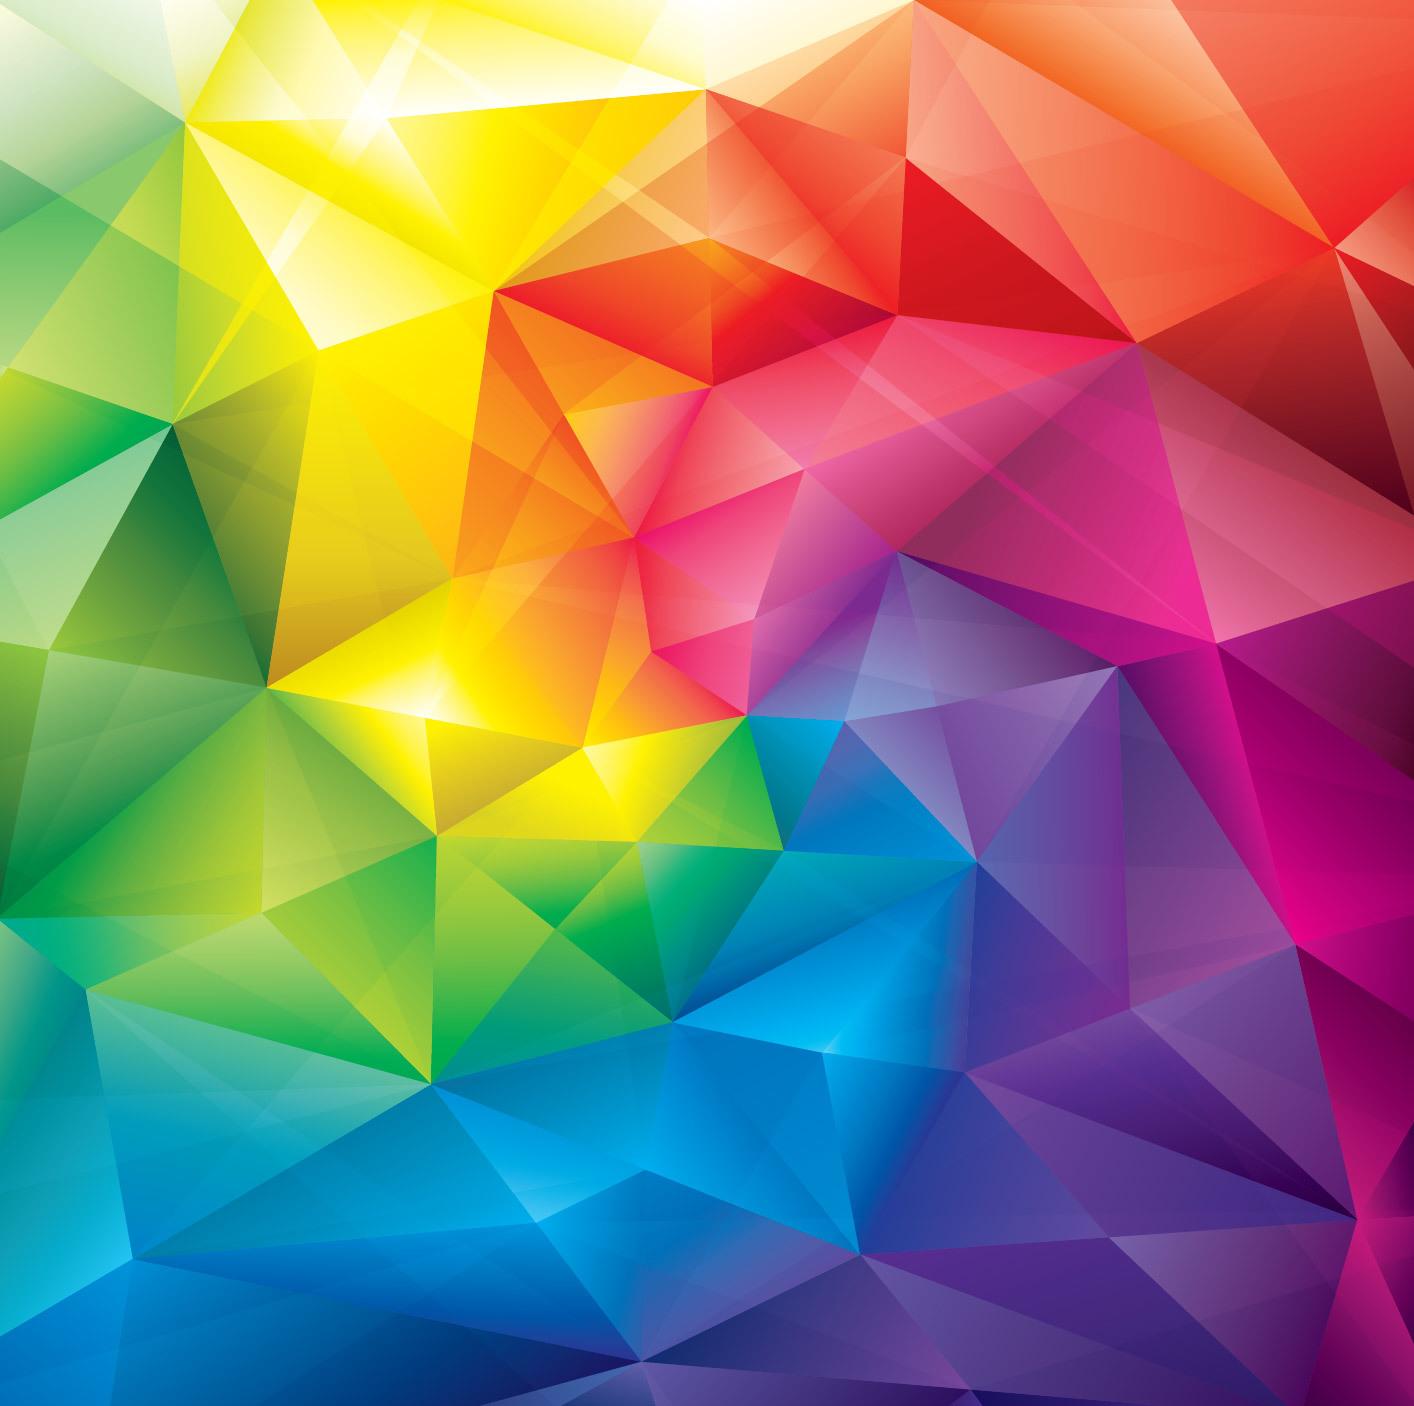 E8aa6277941794ba79005e43d9e5d2ad-colorful-crystal